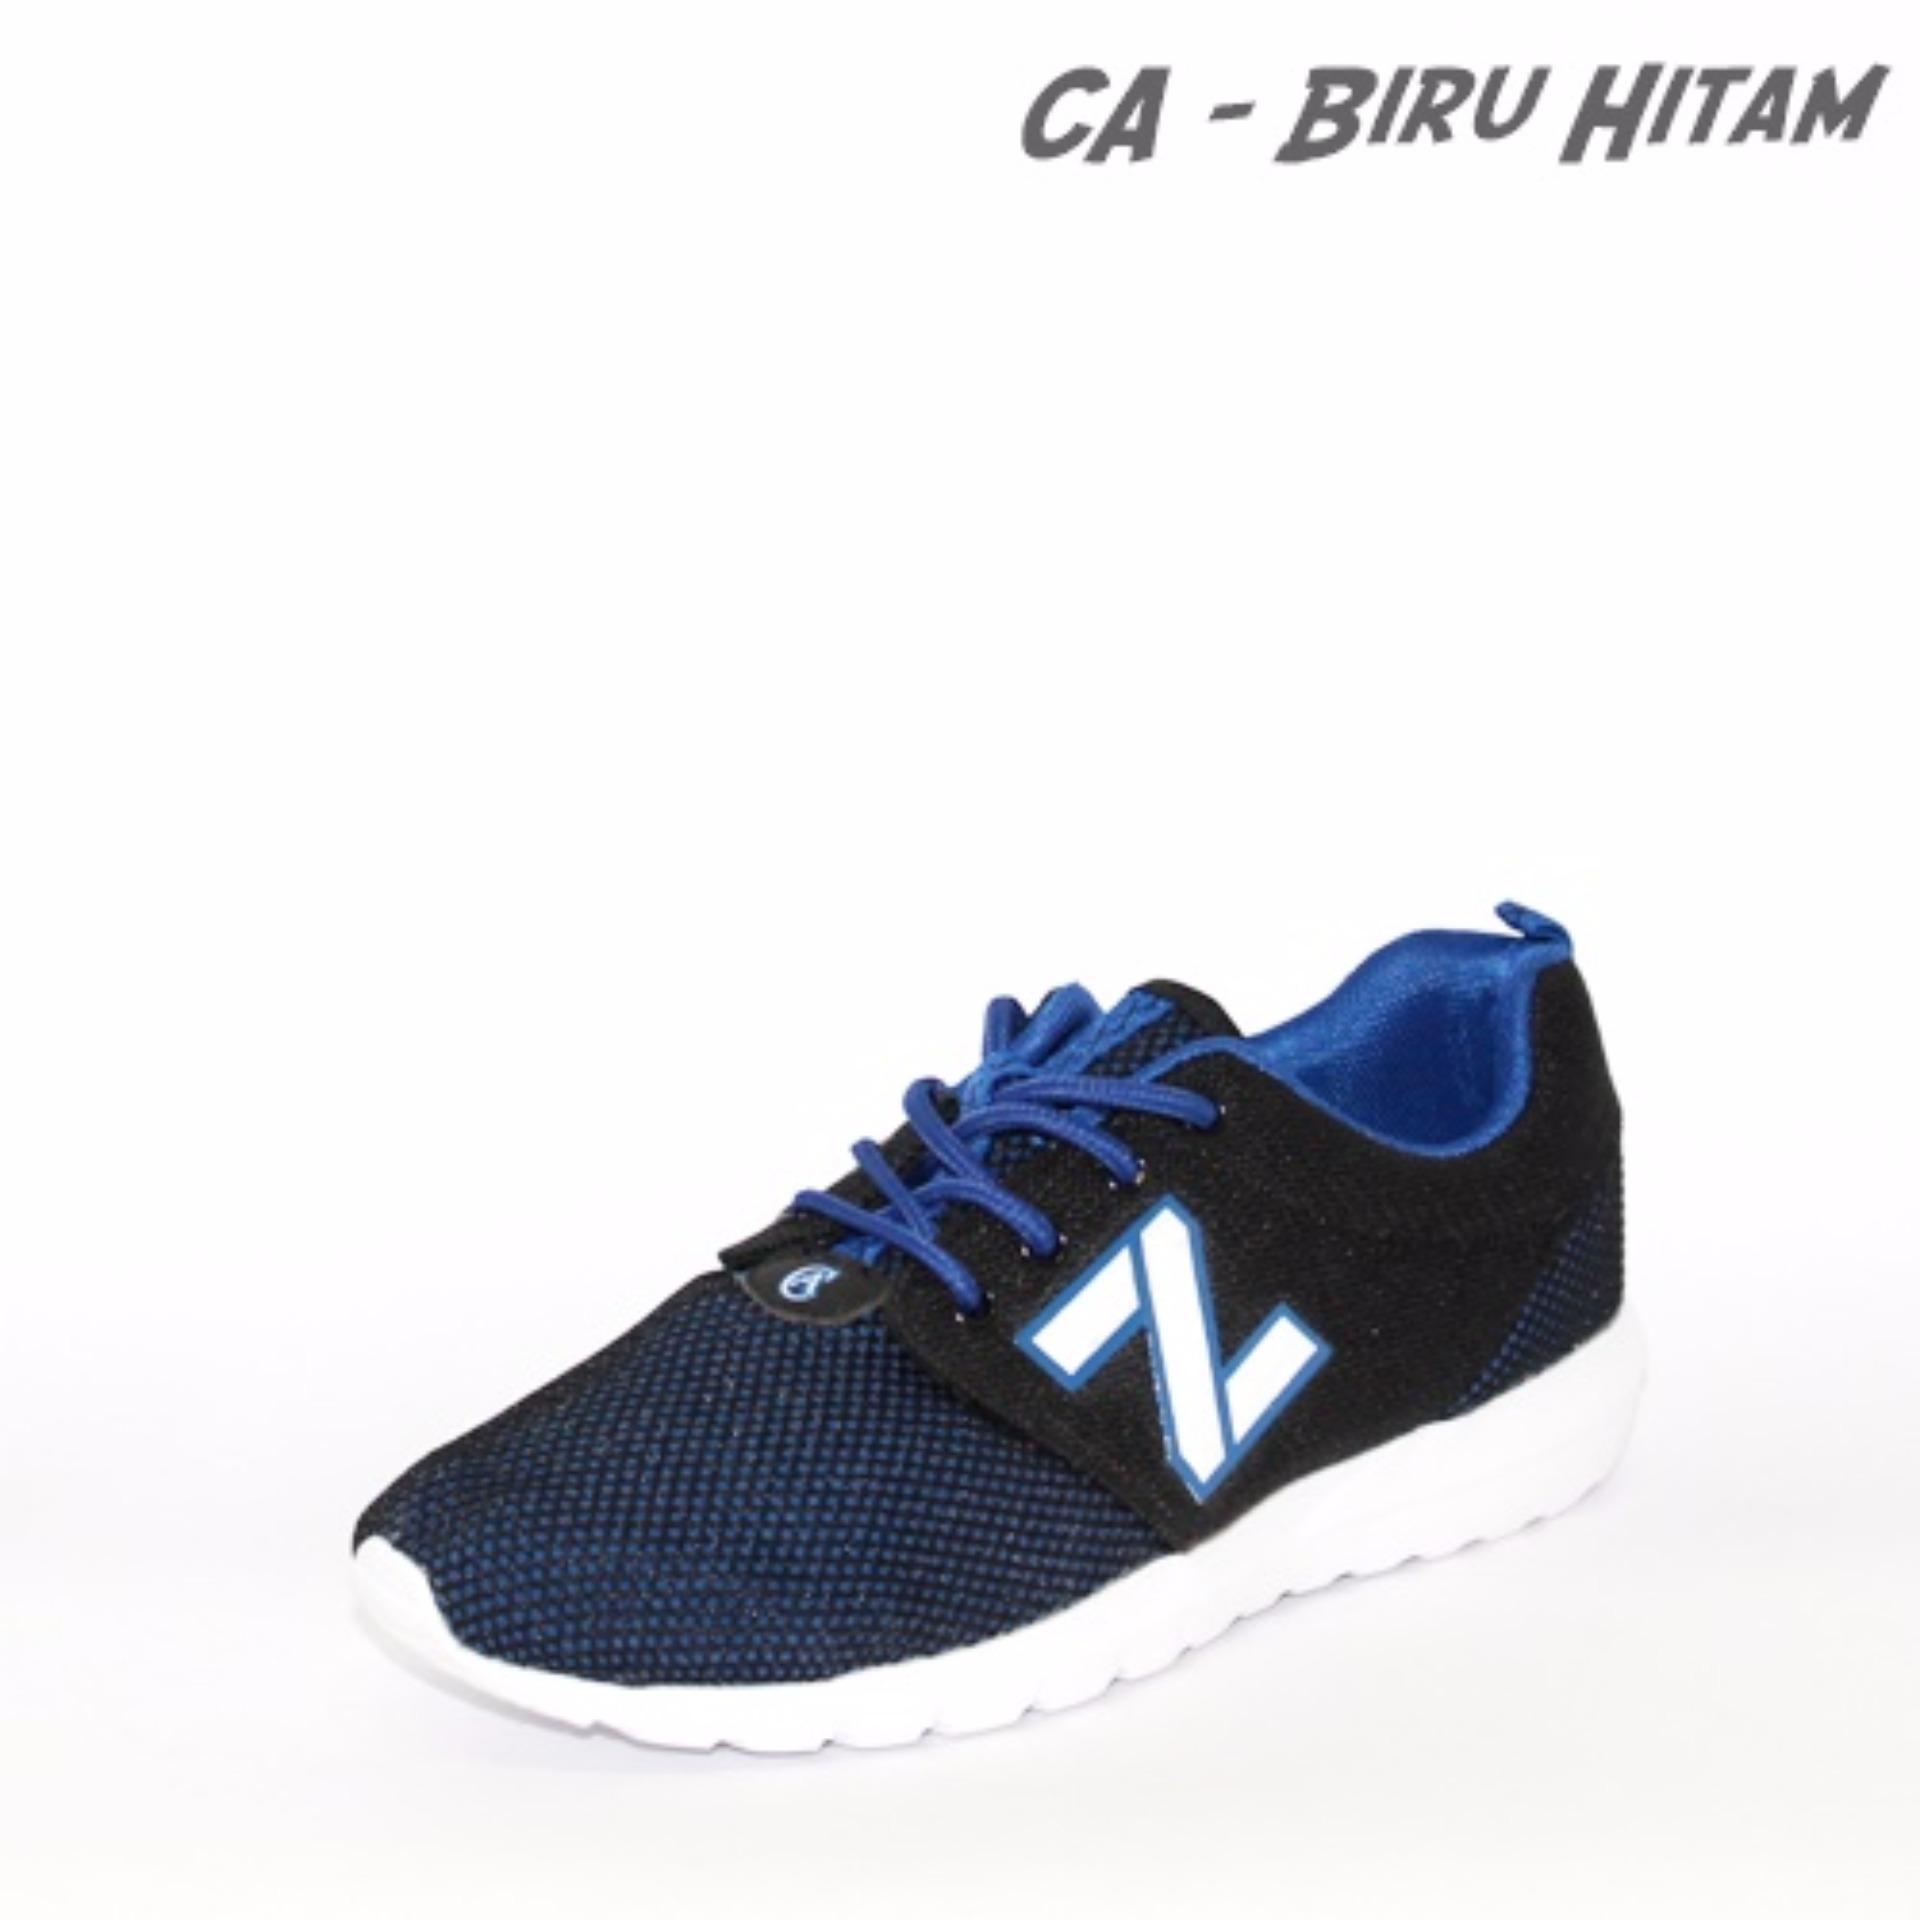 ... Marlee Sepatu Sneaker Import CA - Biru / Hitam ...